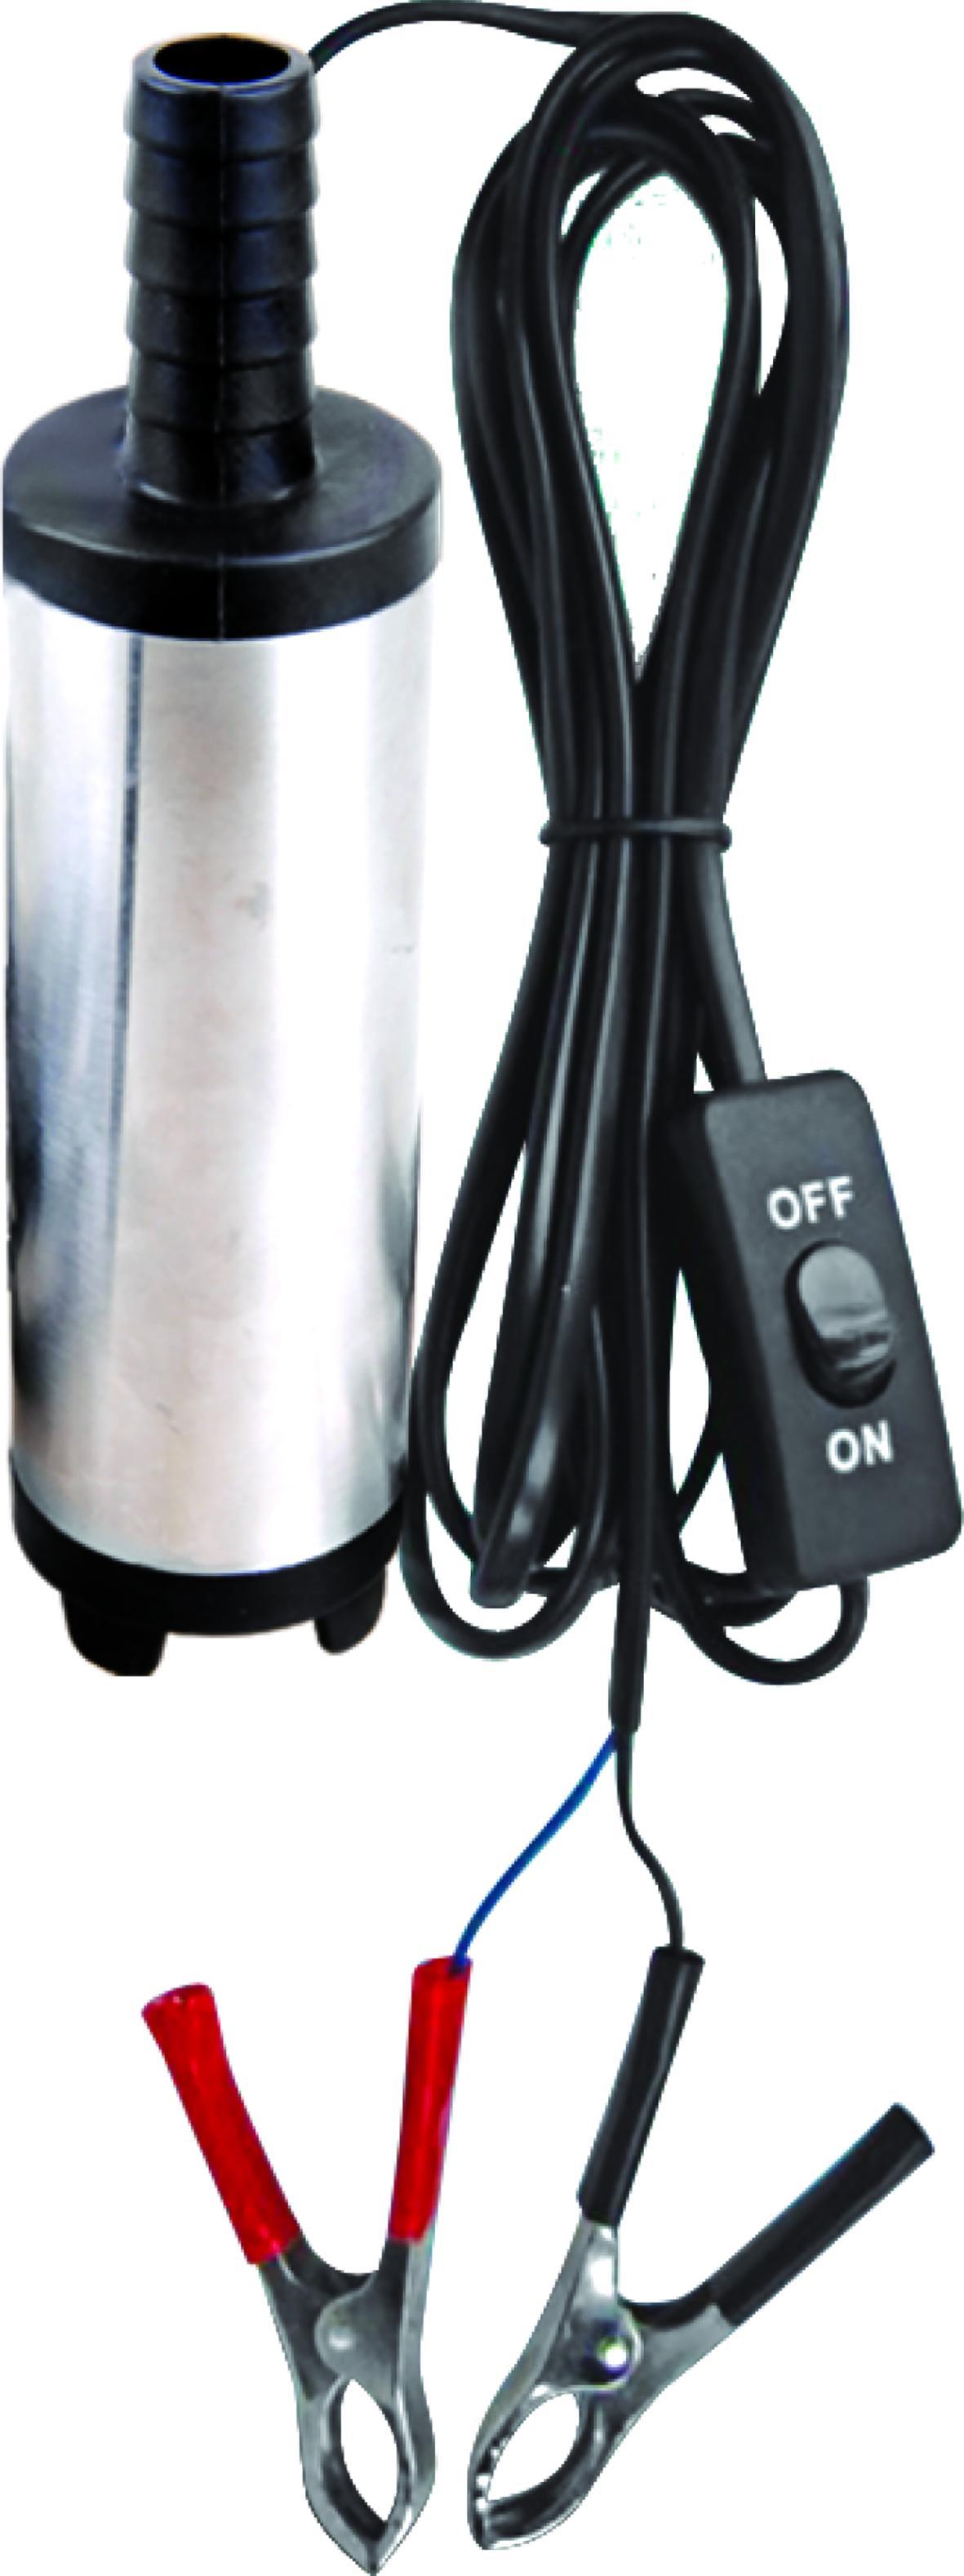 Насос ТОП АВТО ТА-38/24 насос для гсм топ авто 24в с фильтром с сеточкой та 51с 24 диаметр 51 мм